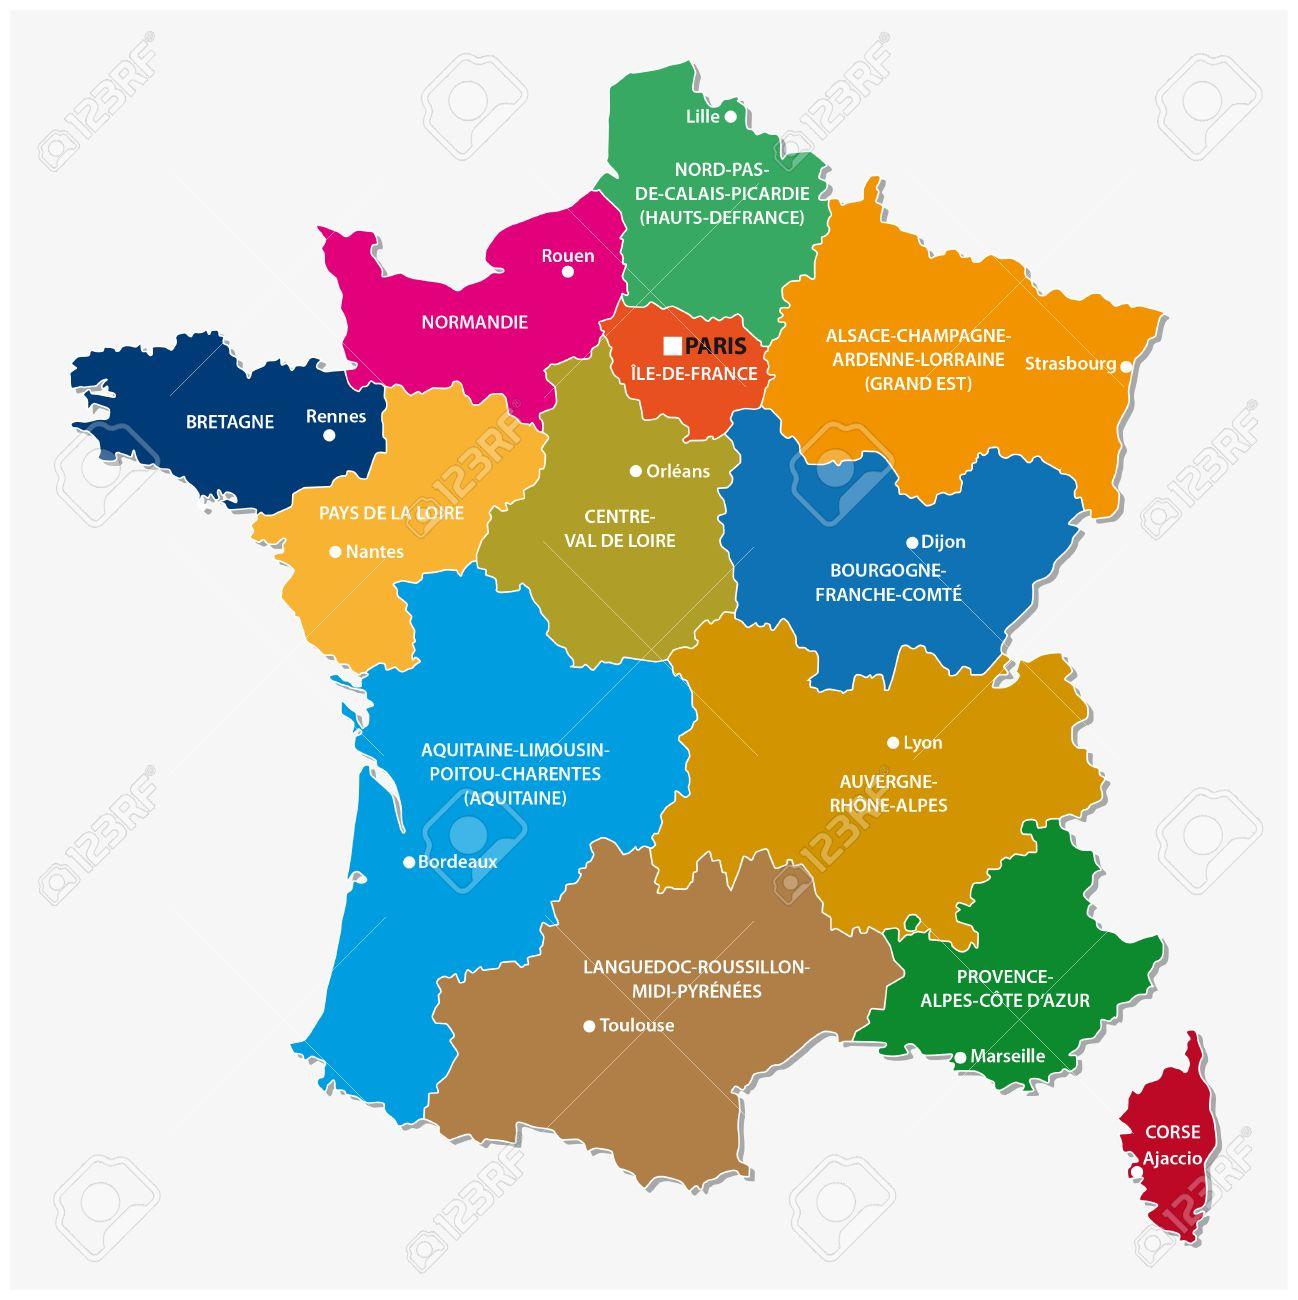 The New Regions Of France Since Map à Carte Des Nouvelles Régions Françaises